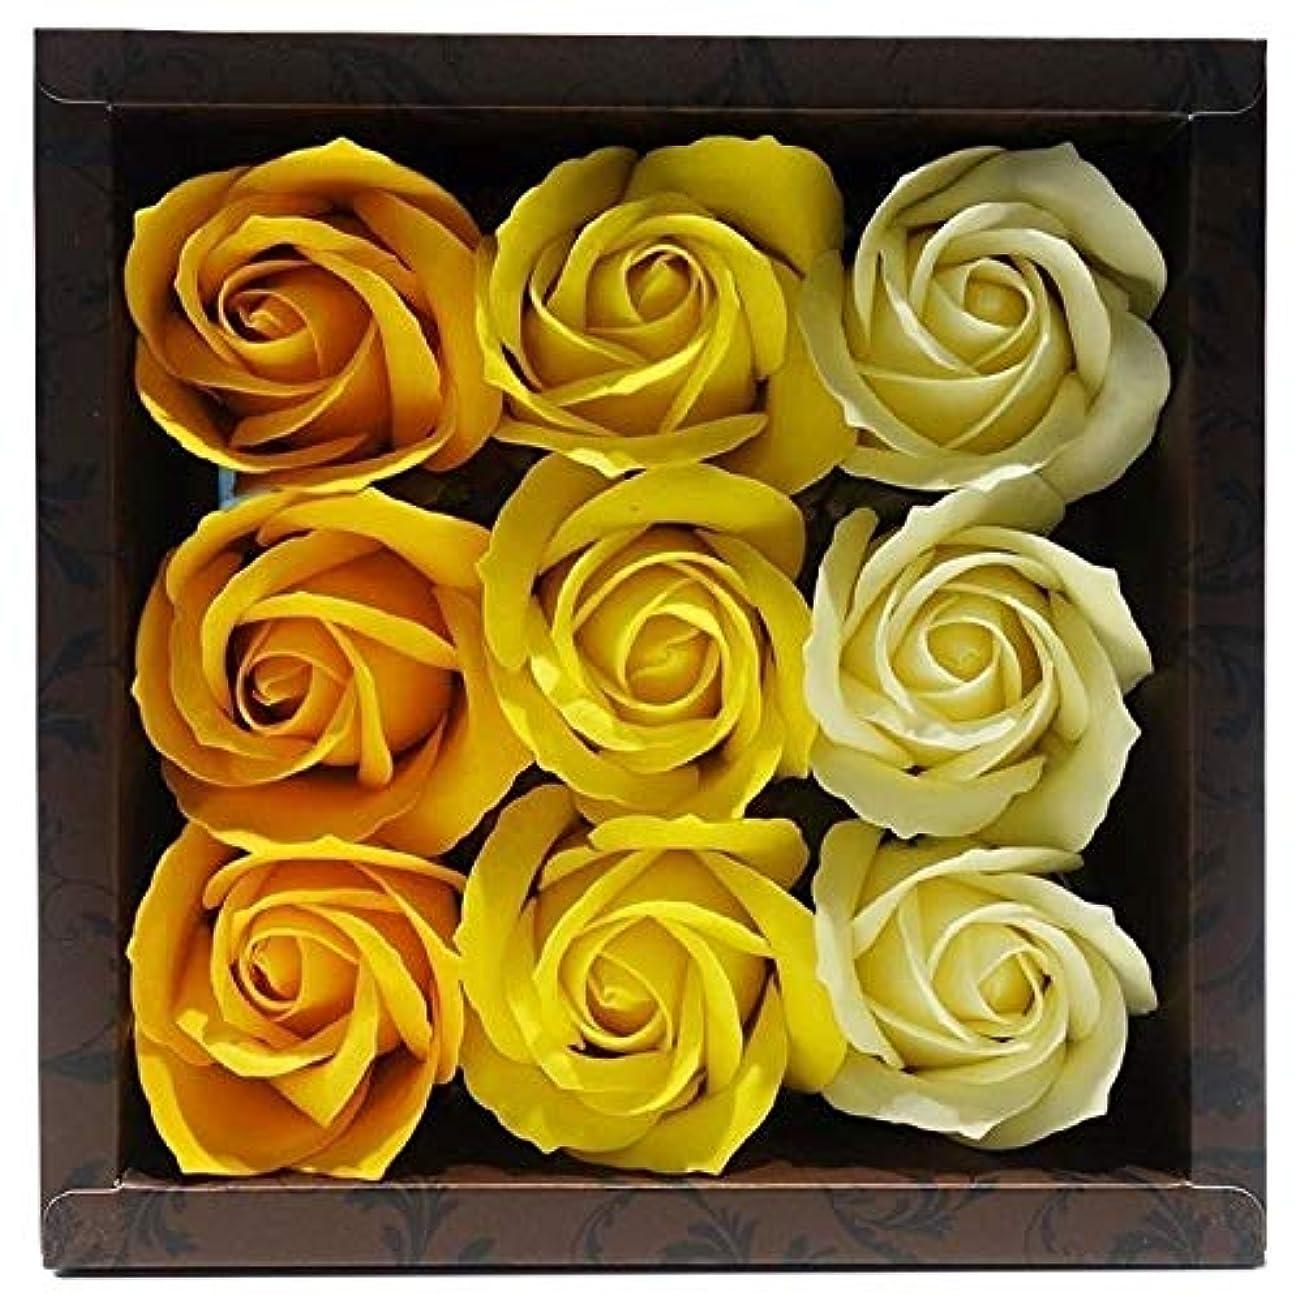 生きている側面口述バスフレグランス バスフラワー ローズフレグランス イエローカラー ギフト お花の形の入浴剤